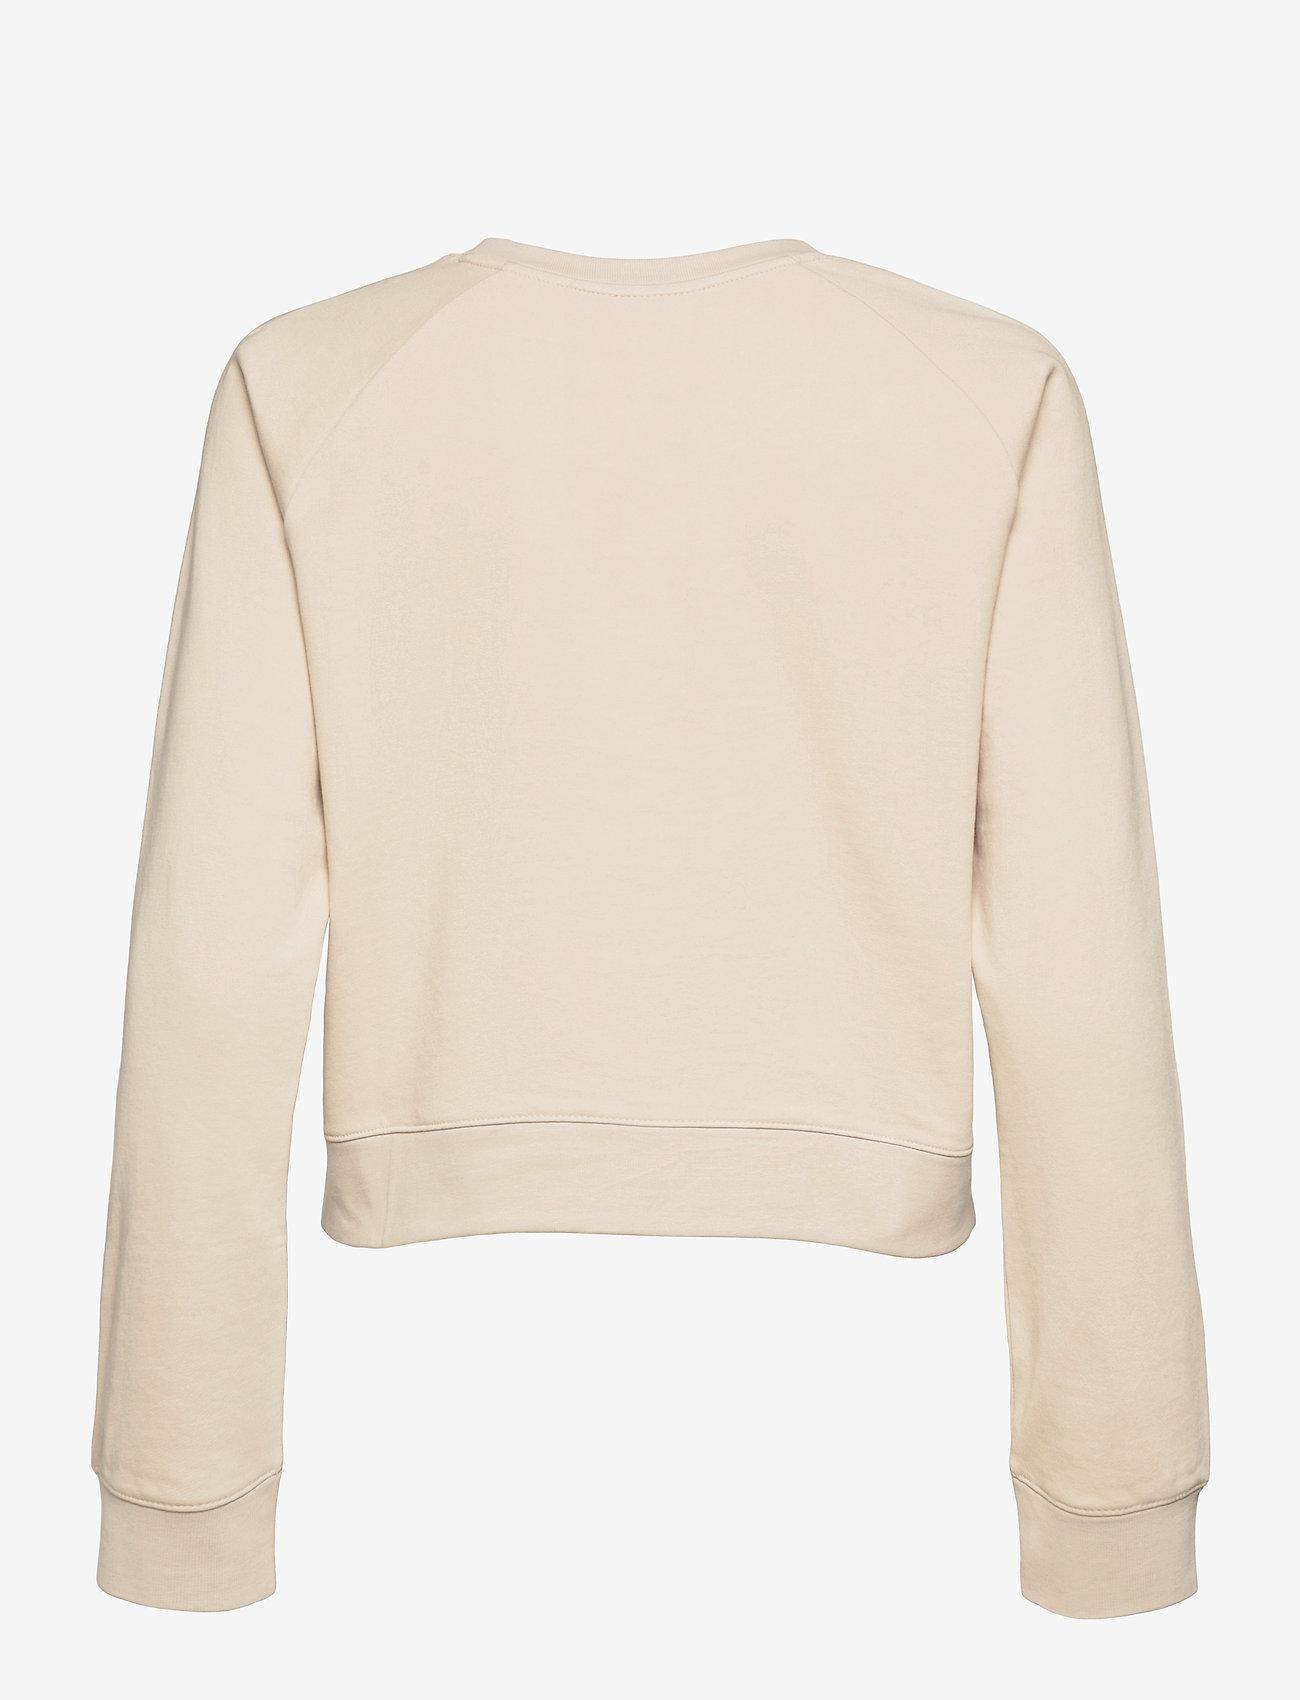 2XU - FORM CROP CREW - sweatshirts - oatmeal/oatmeal - 1